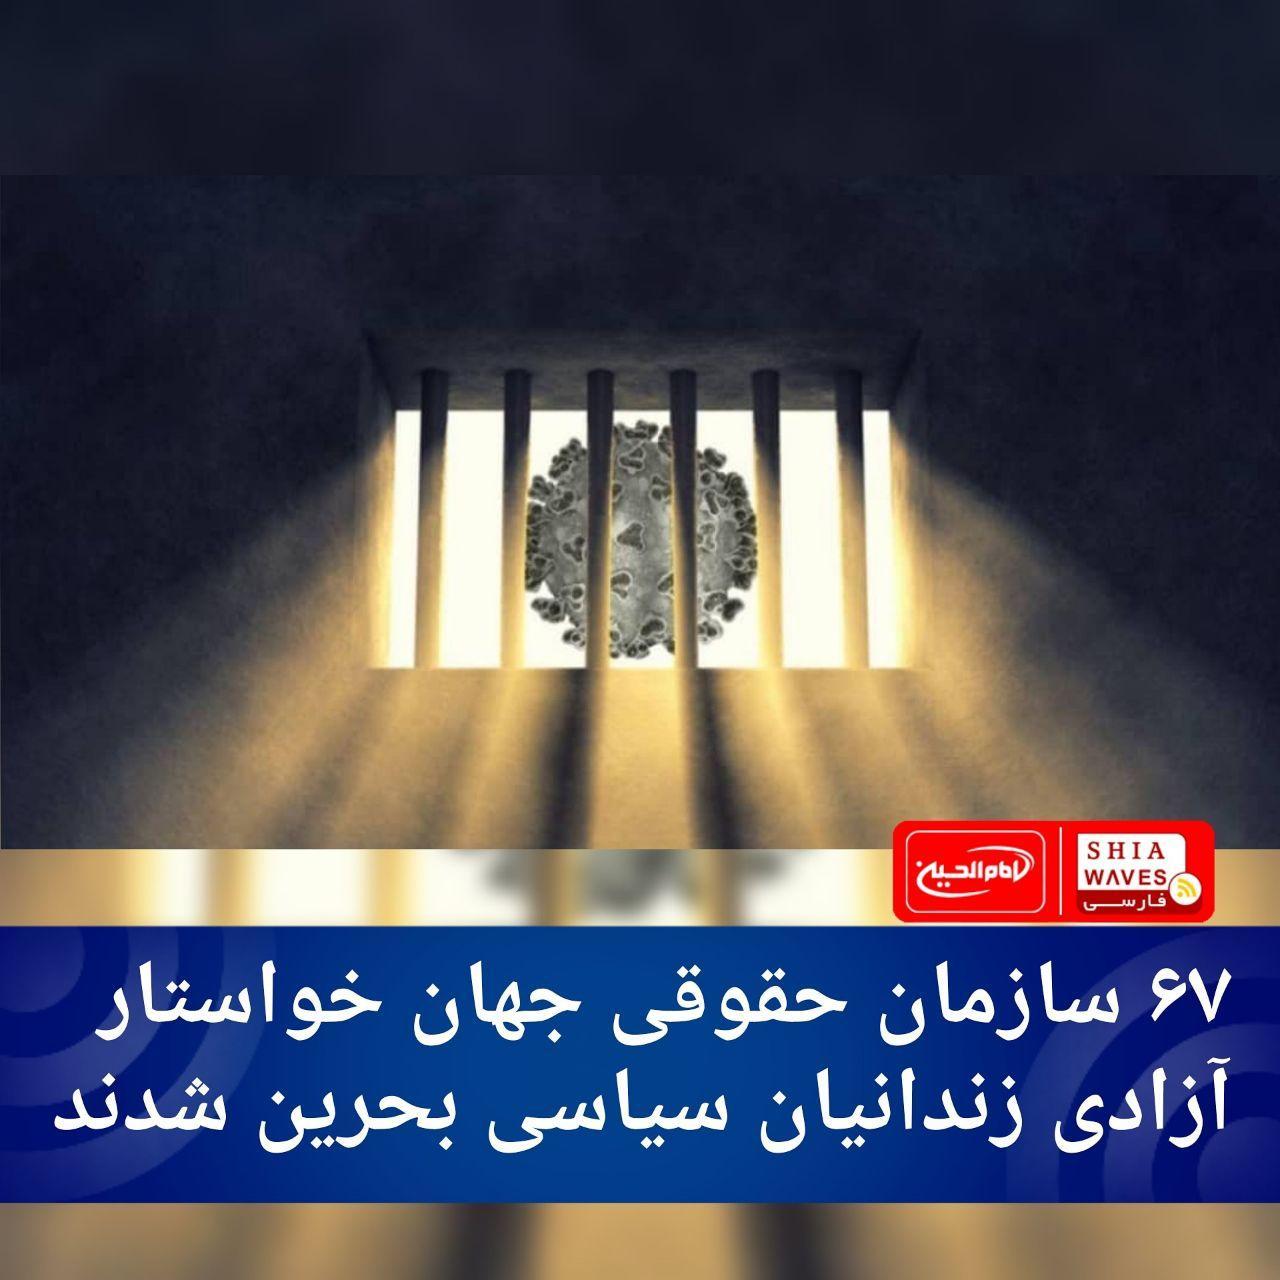 تصویر ۶۷ سازمان حقوقی جهان خواستار آزادی زندانیان سیاسی بحرین شدند